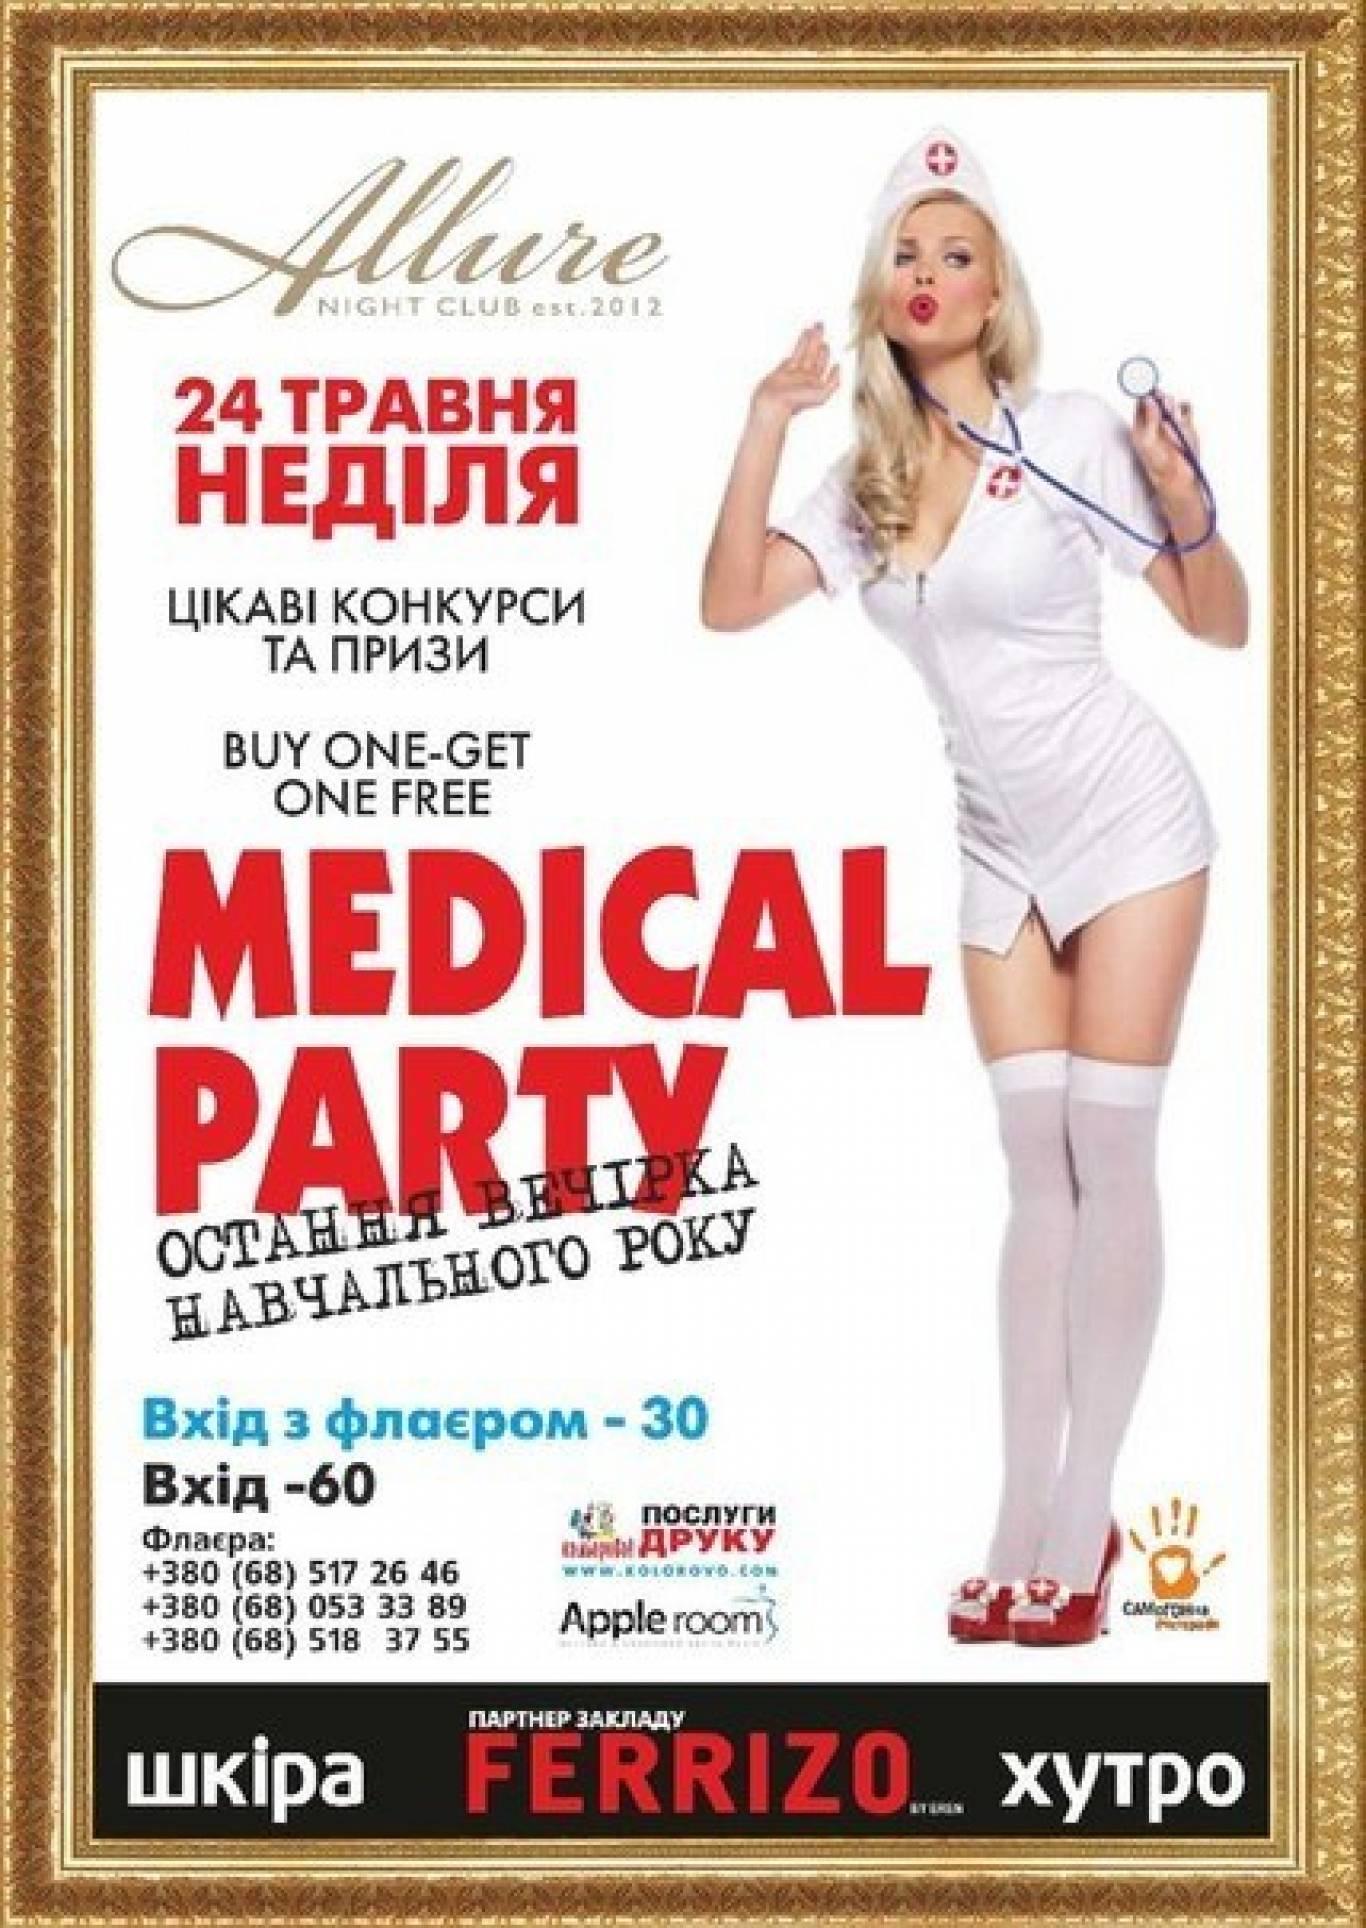 Вечірка Medical party